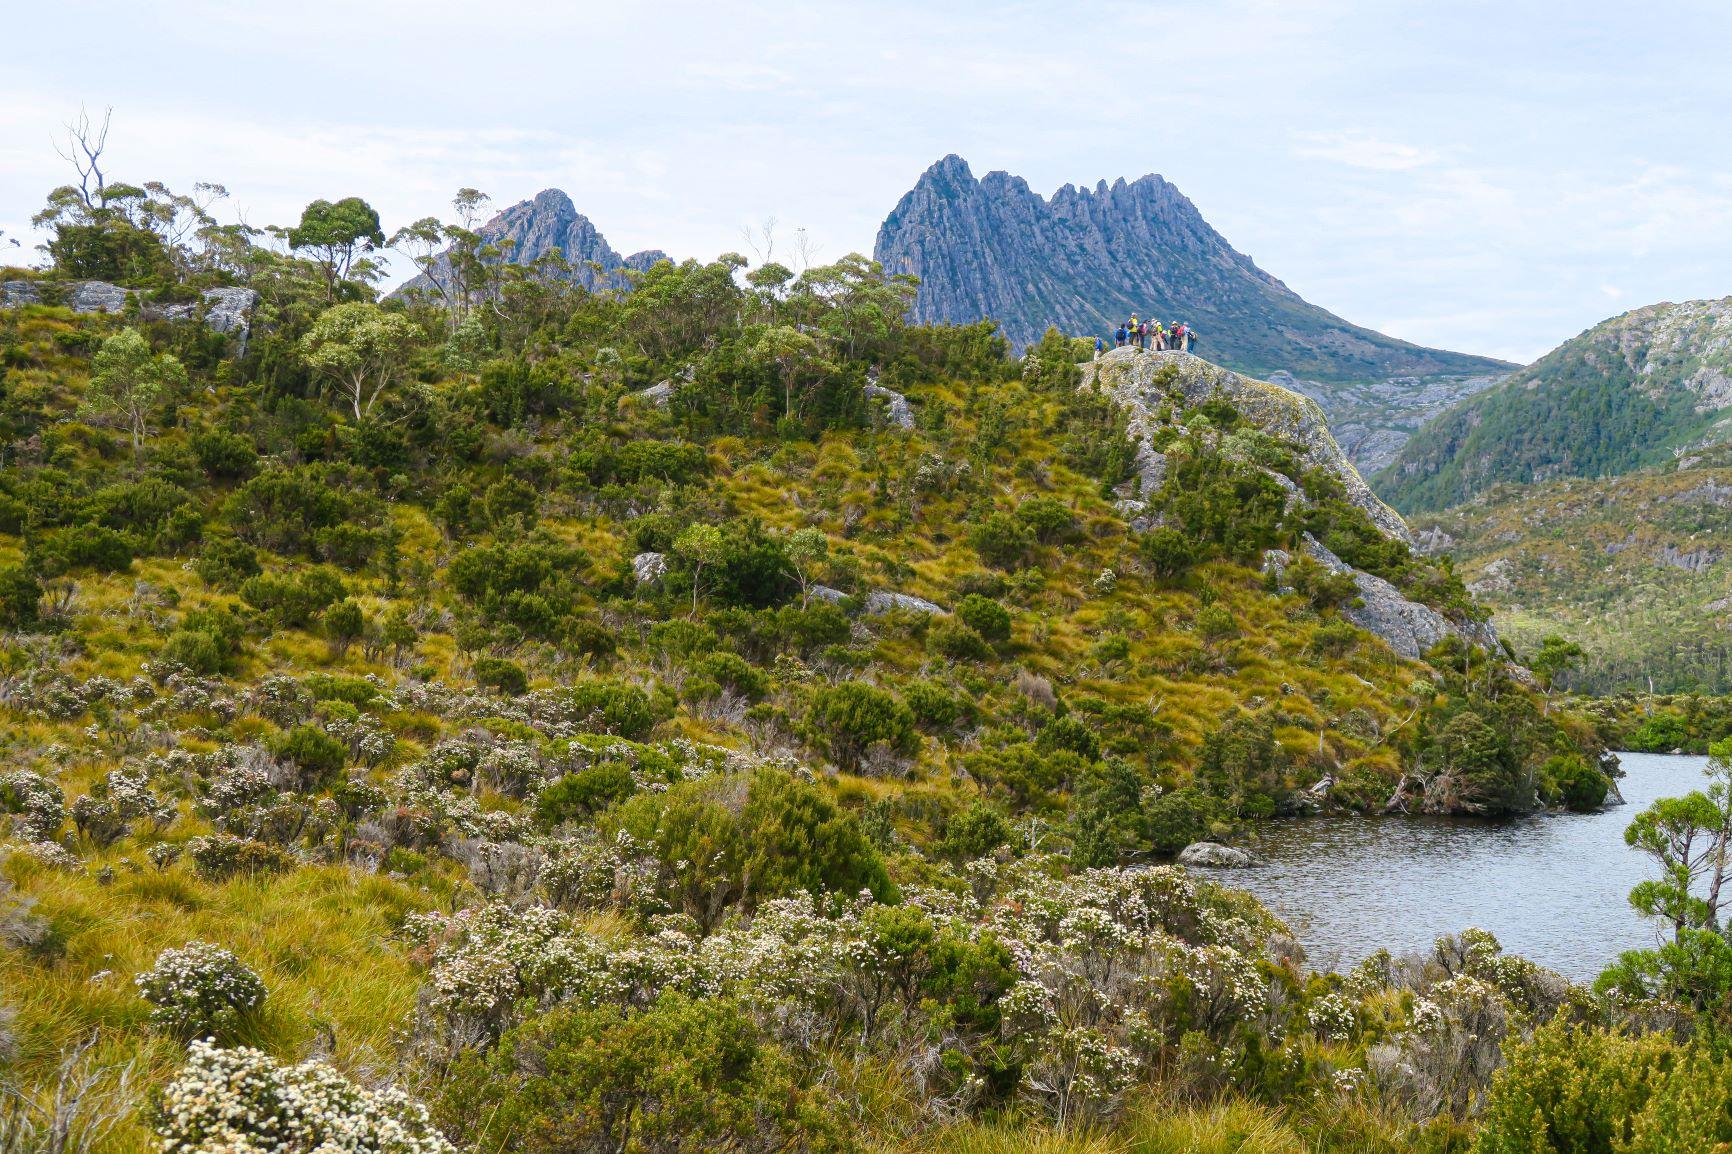 クレイドルマウンテンの荒々しい山容や美しい花々を見ながらダブ湖畔を歩く